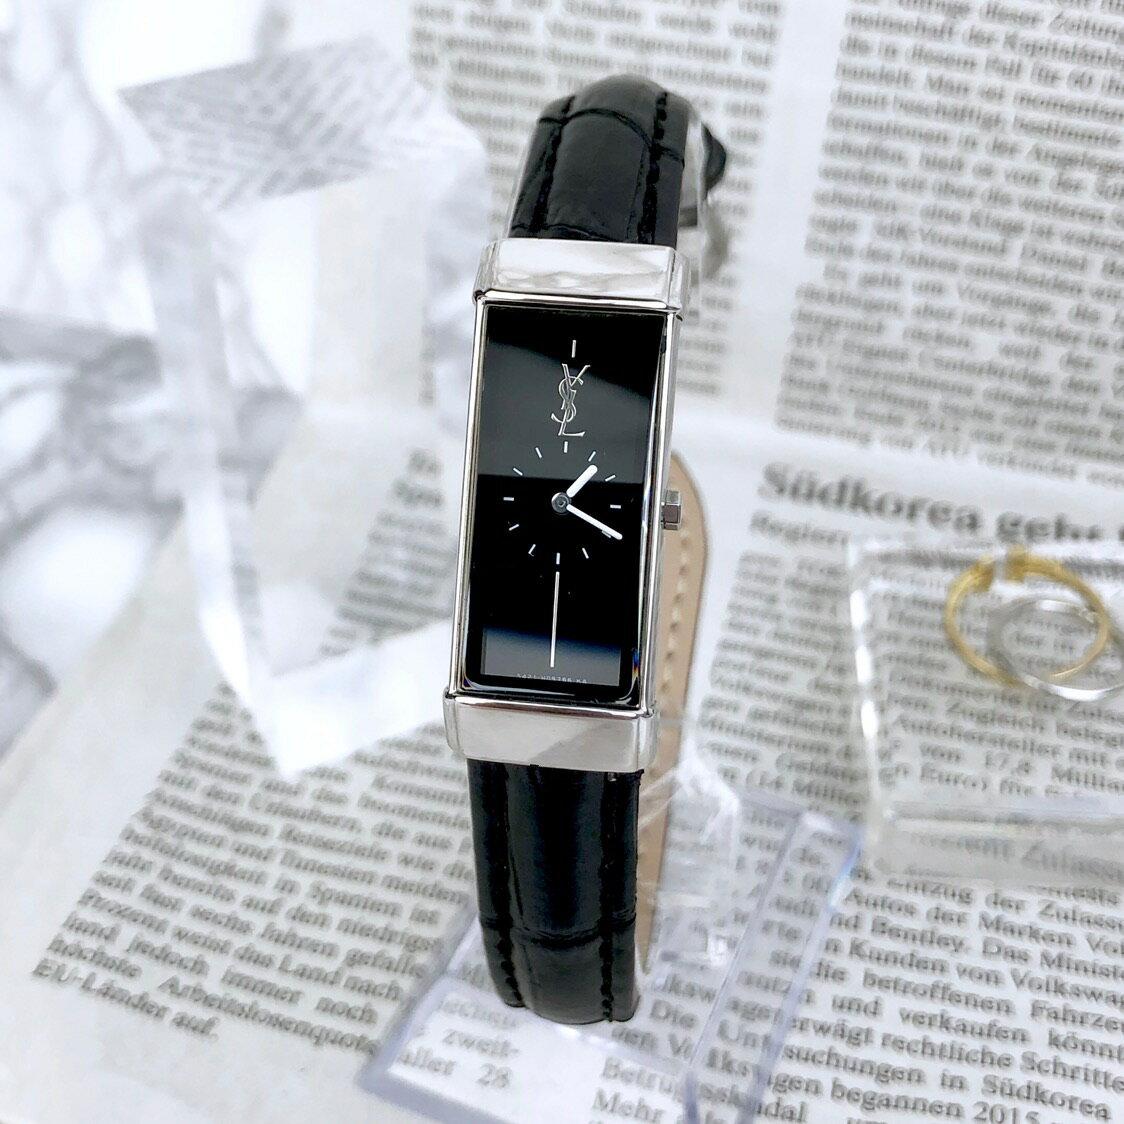 【仕上げ済/ベルト新品】サンローラン スクエア シルバー 電池交換済 レディース 腕時計 時計【中古】【送料無料】